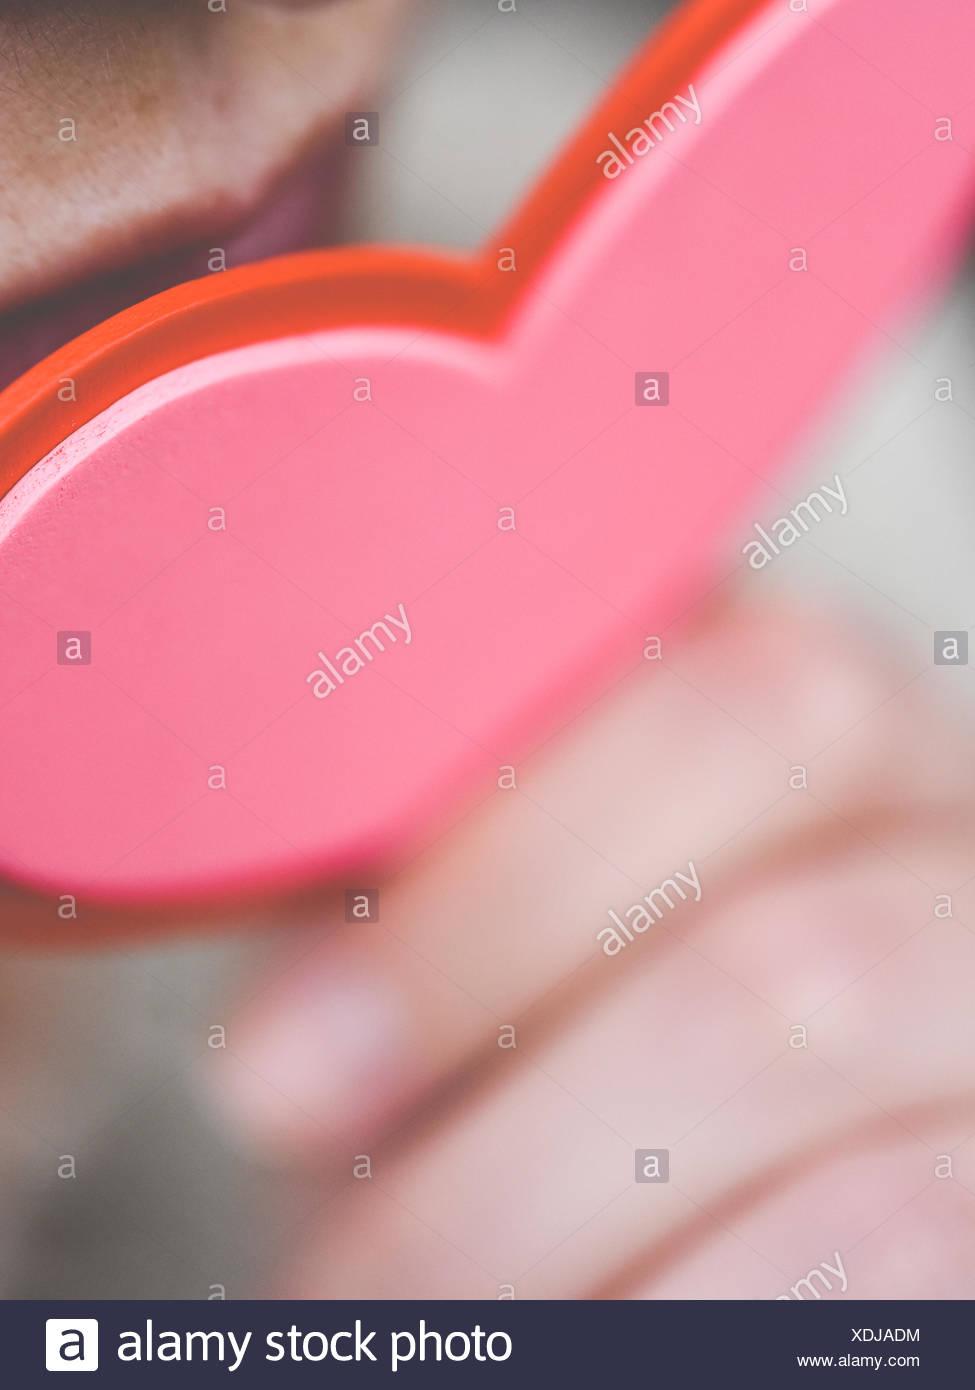 Femme tenant un cœur de papier près de sa bouche Photo Stock